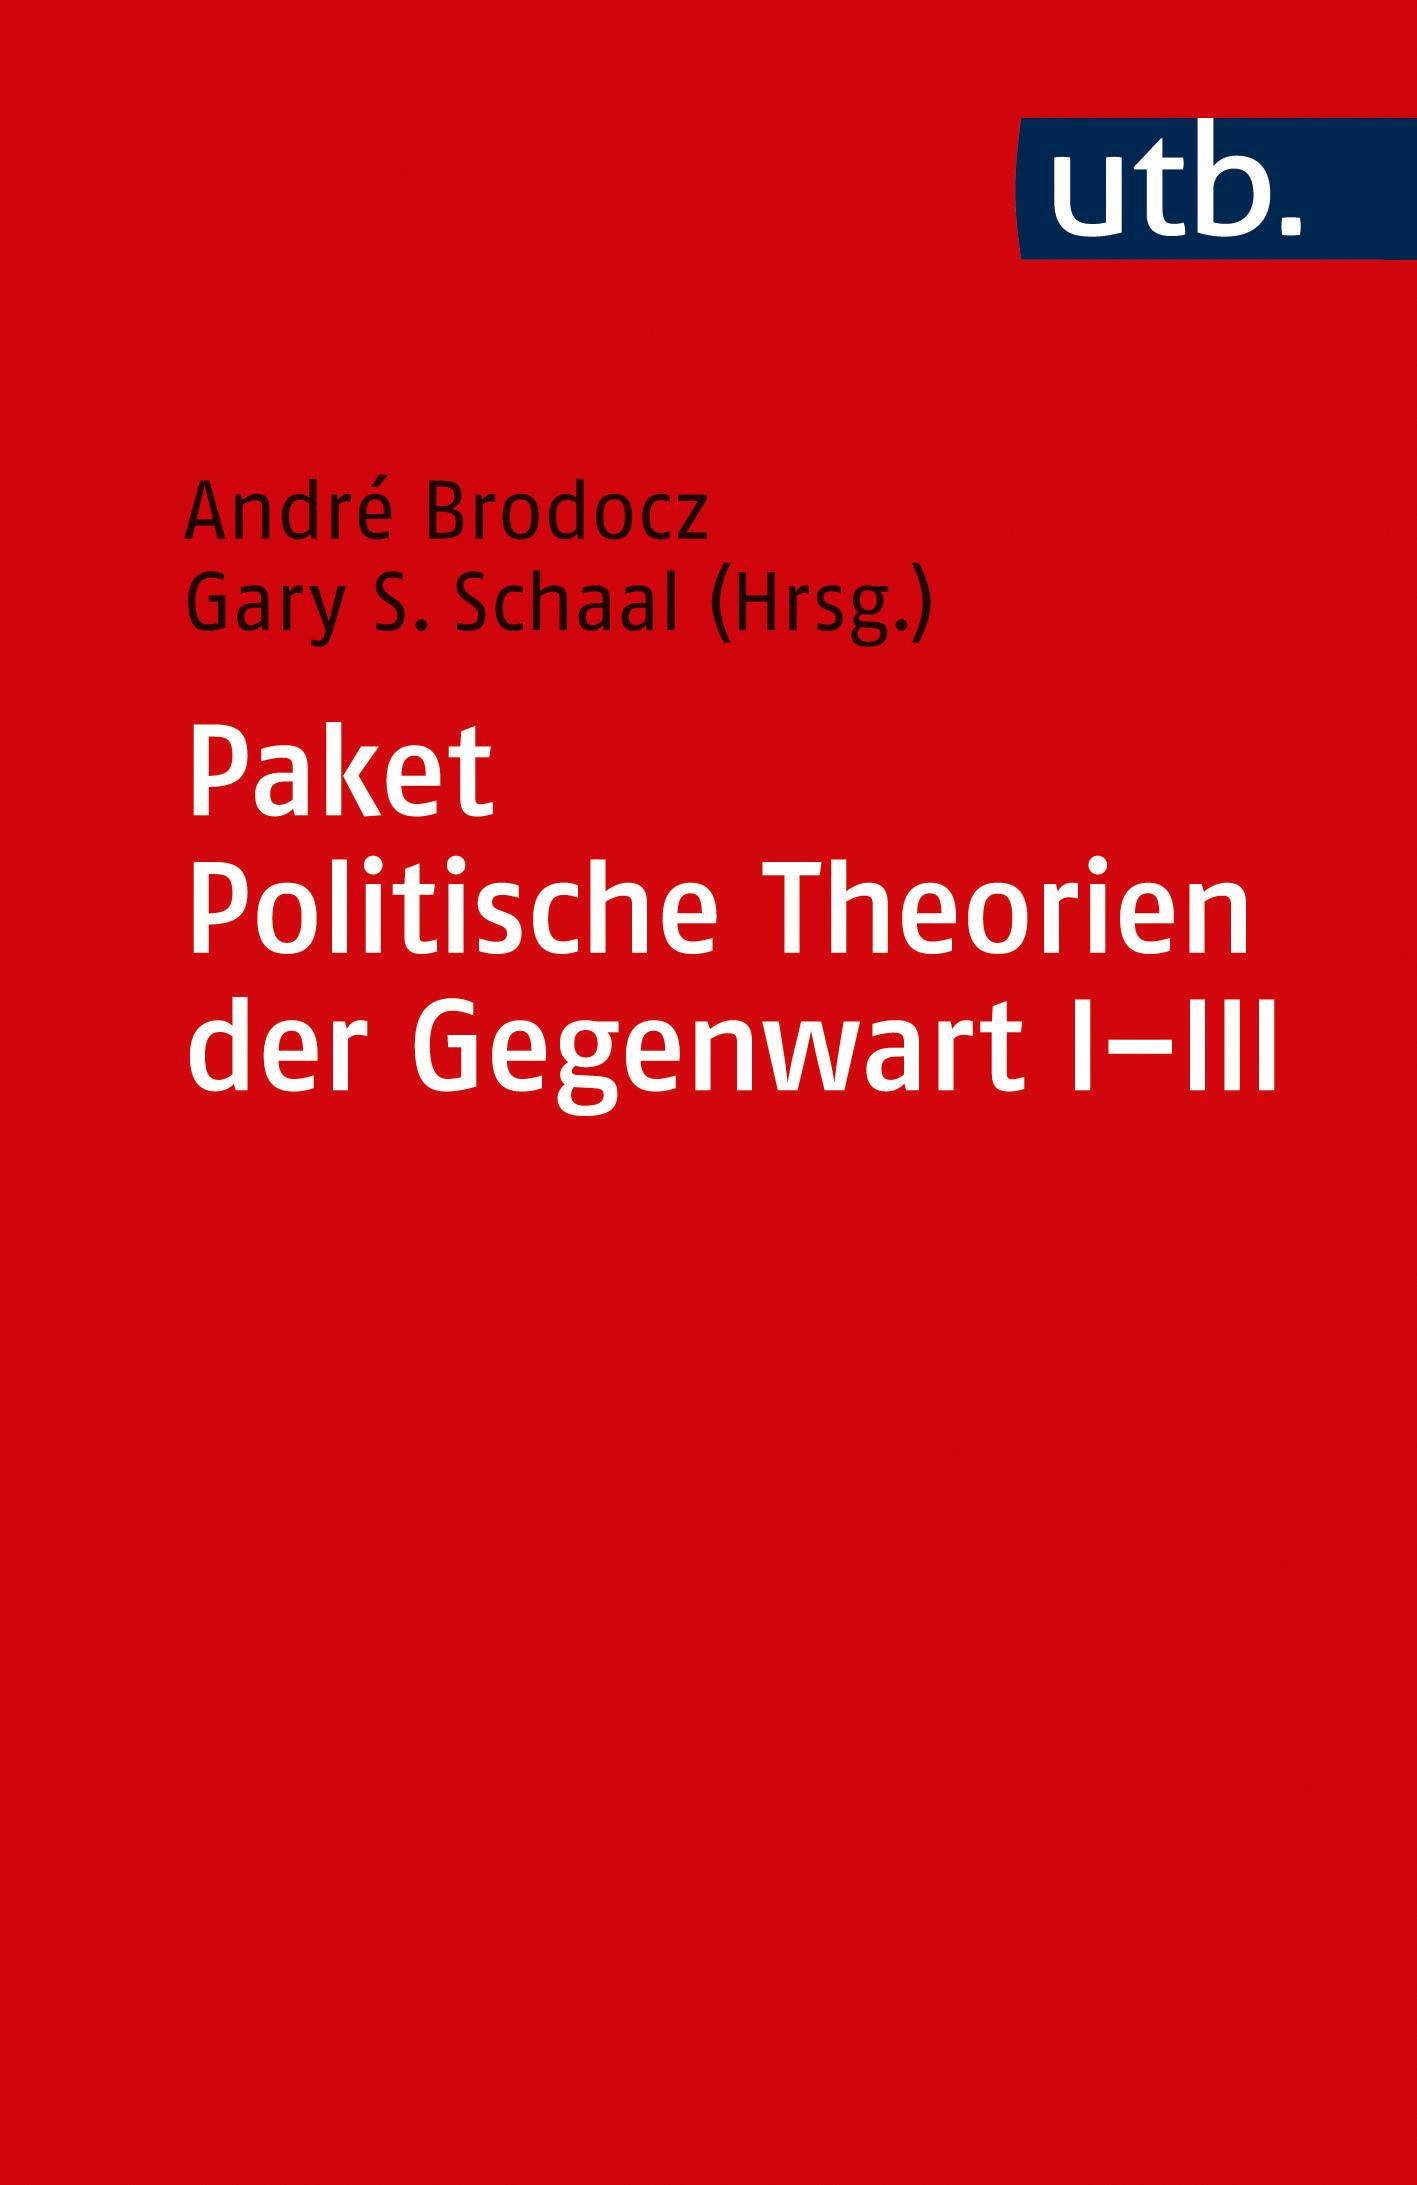 Politische Theorien der Gegenwart I-III